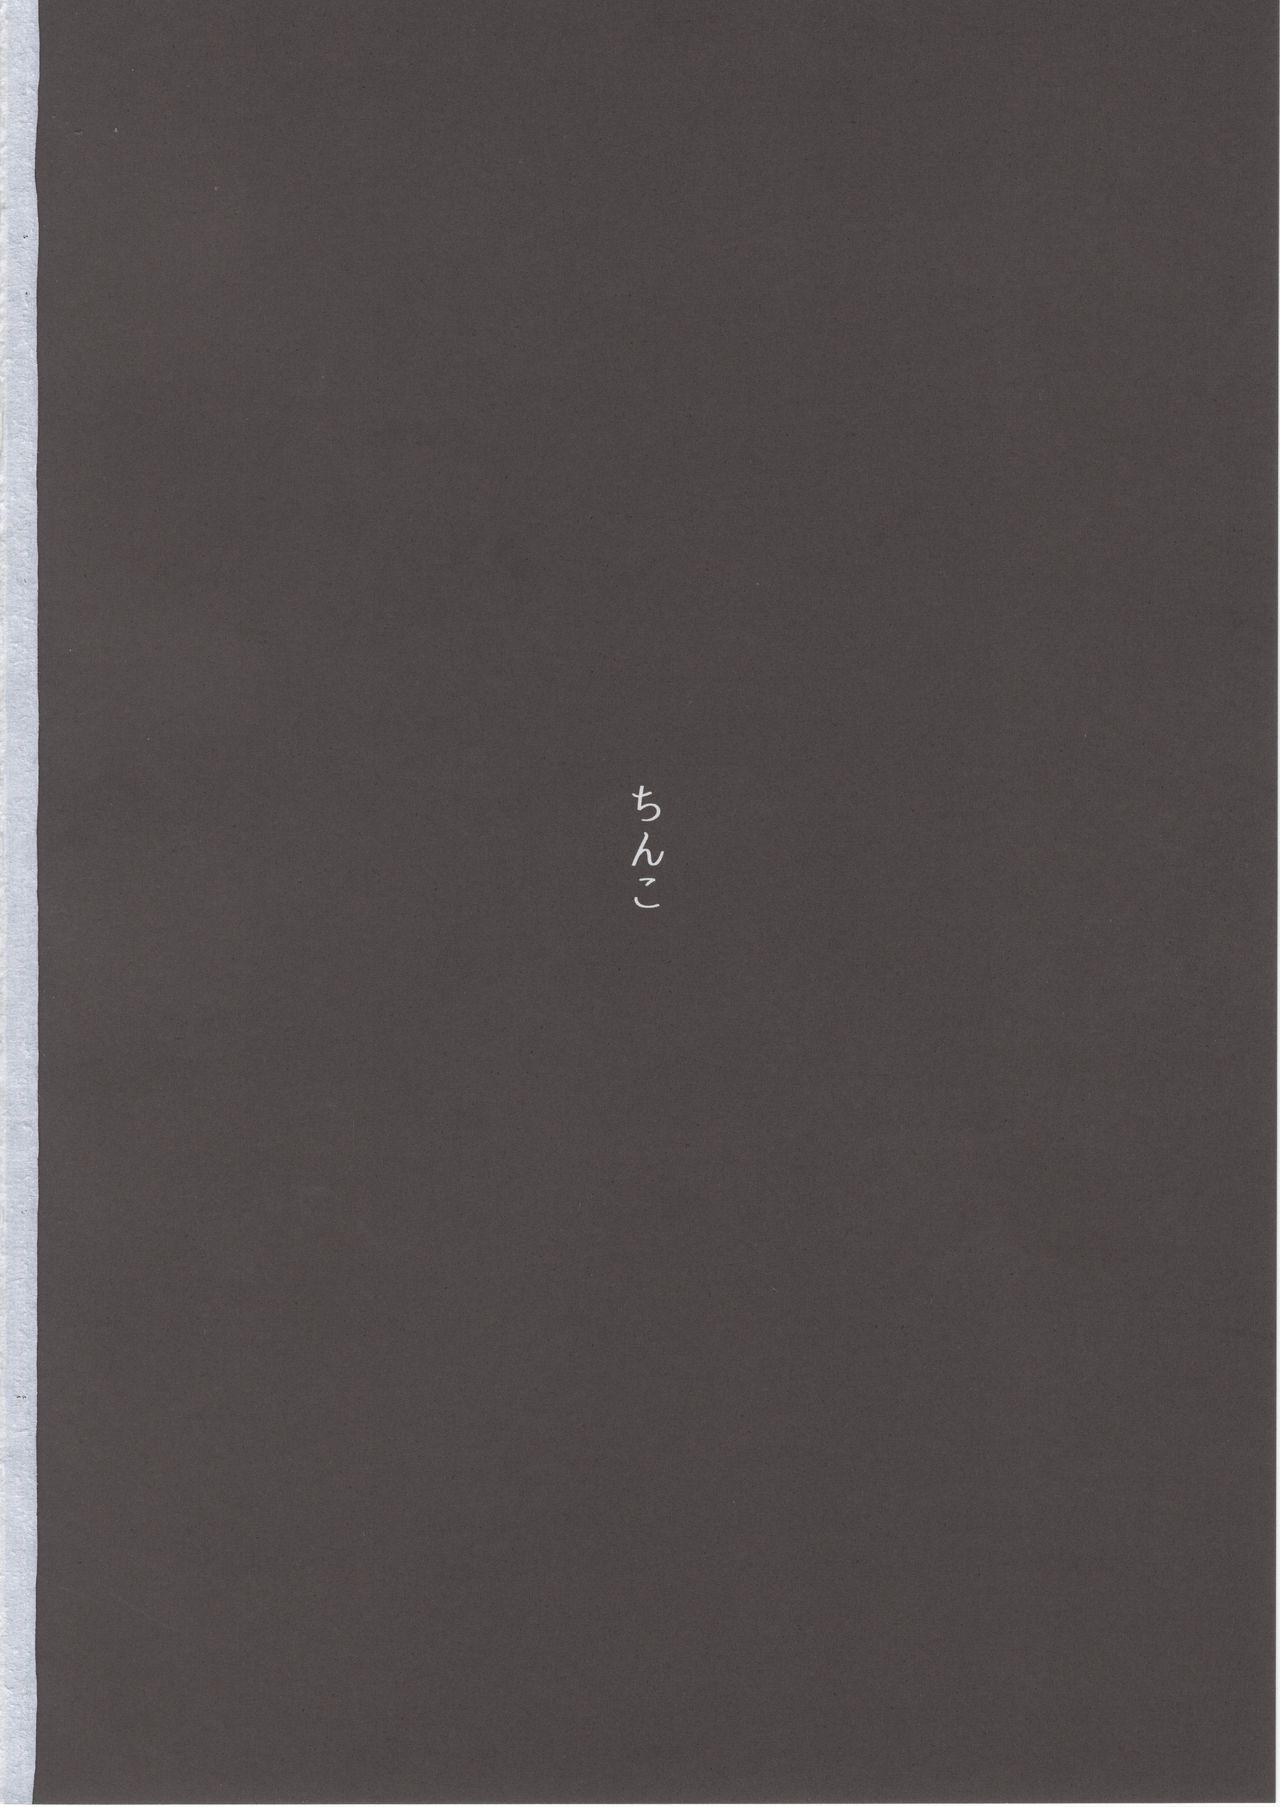 Mifune Miyu no Koukai 58